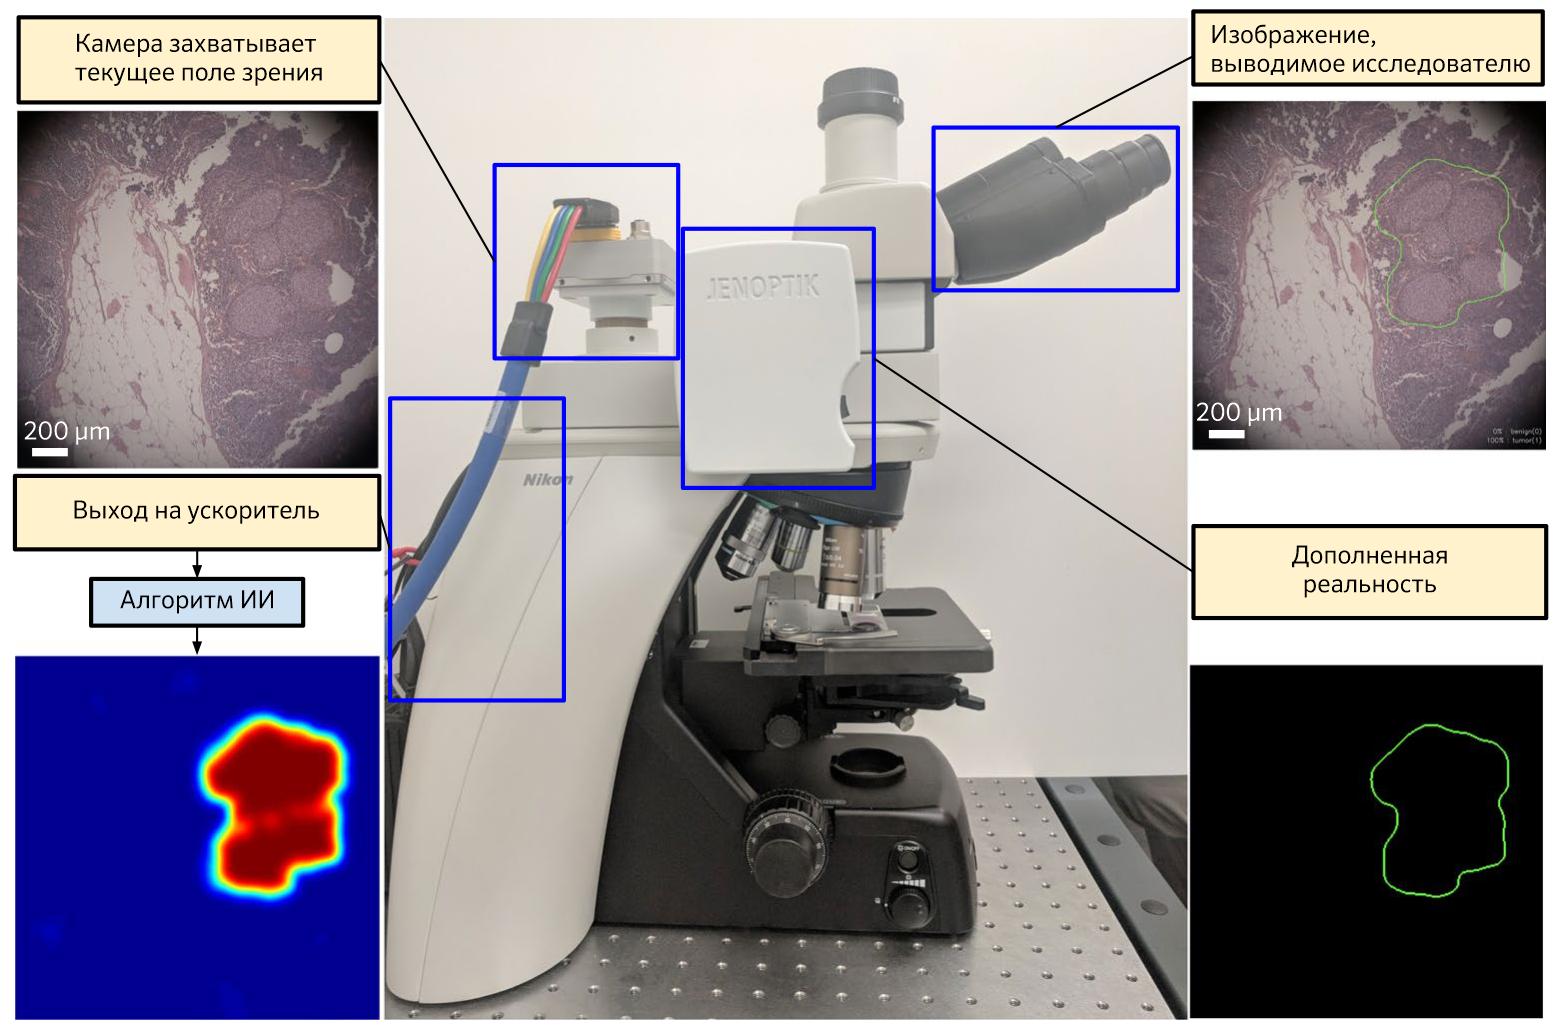 Дополненная реальность в микроскопии